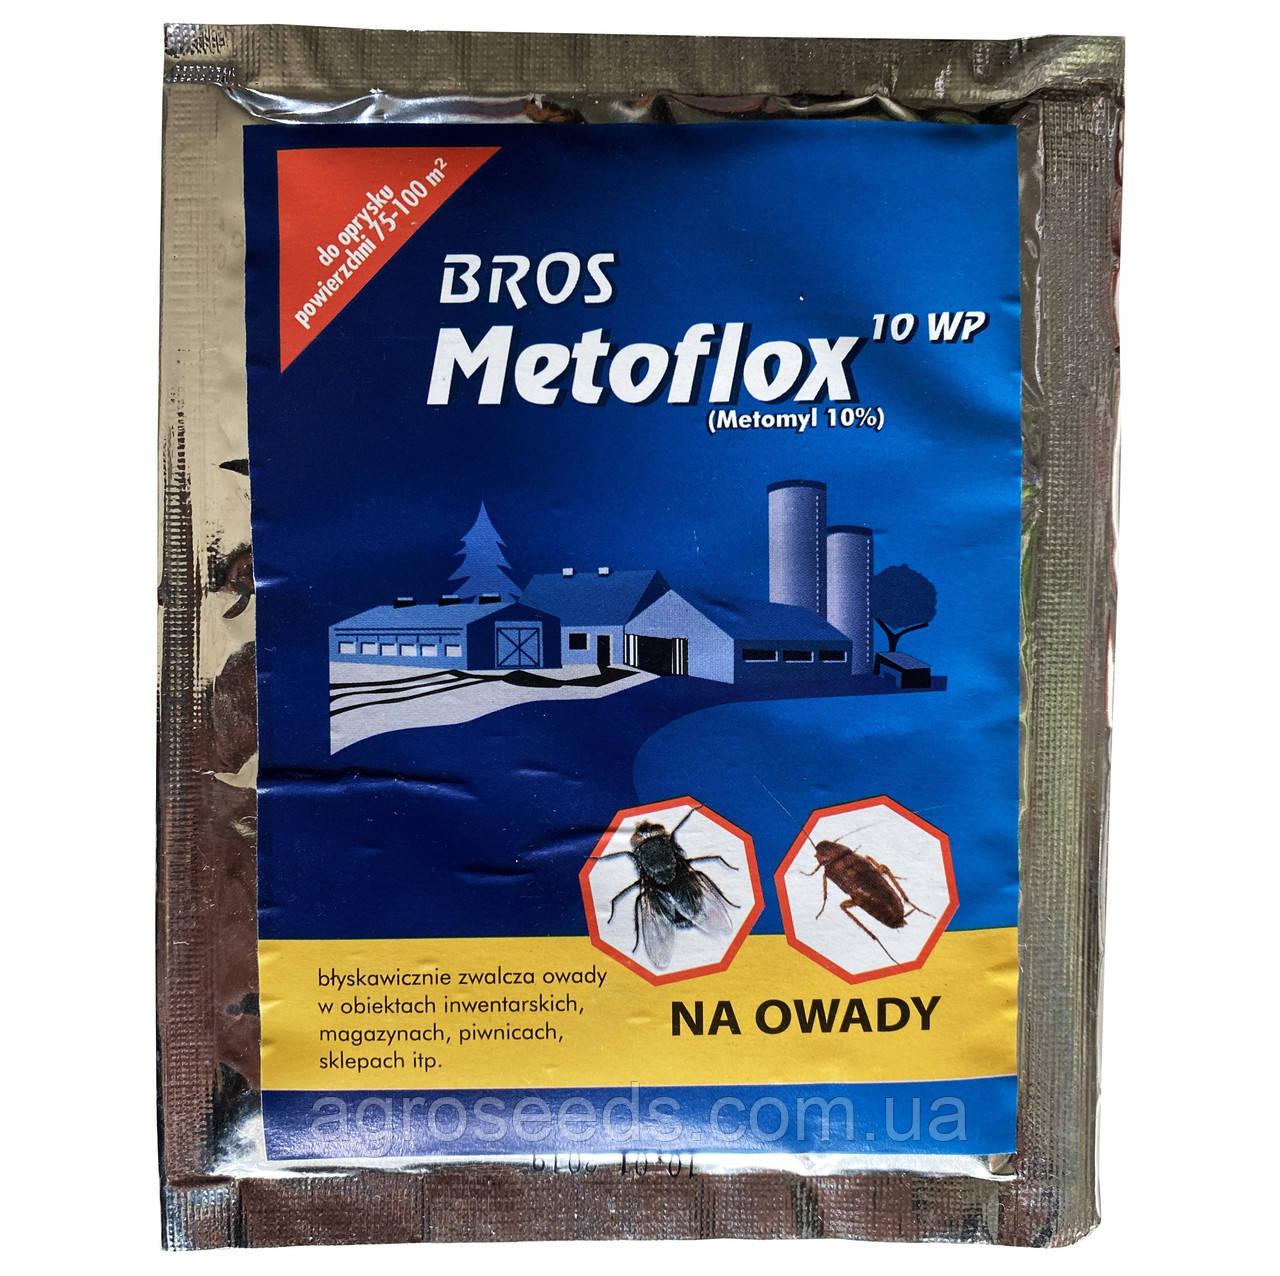 Інсектицид Метофлокс 25 г, засіб від мух, тарганів, мурашок, клопів і комарів Брос